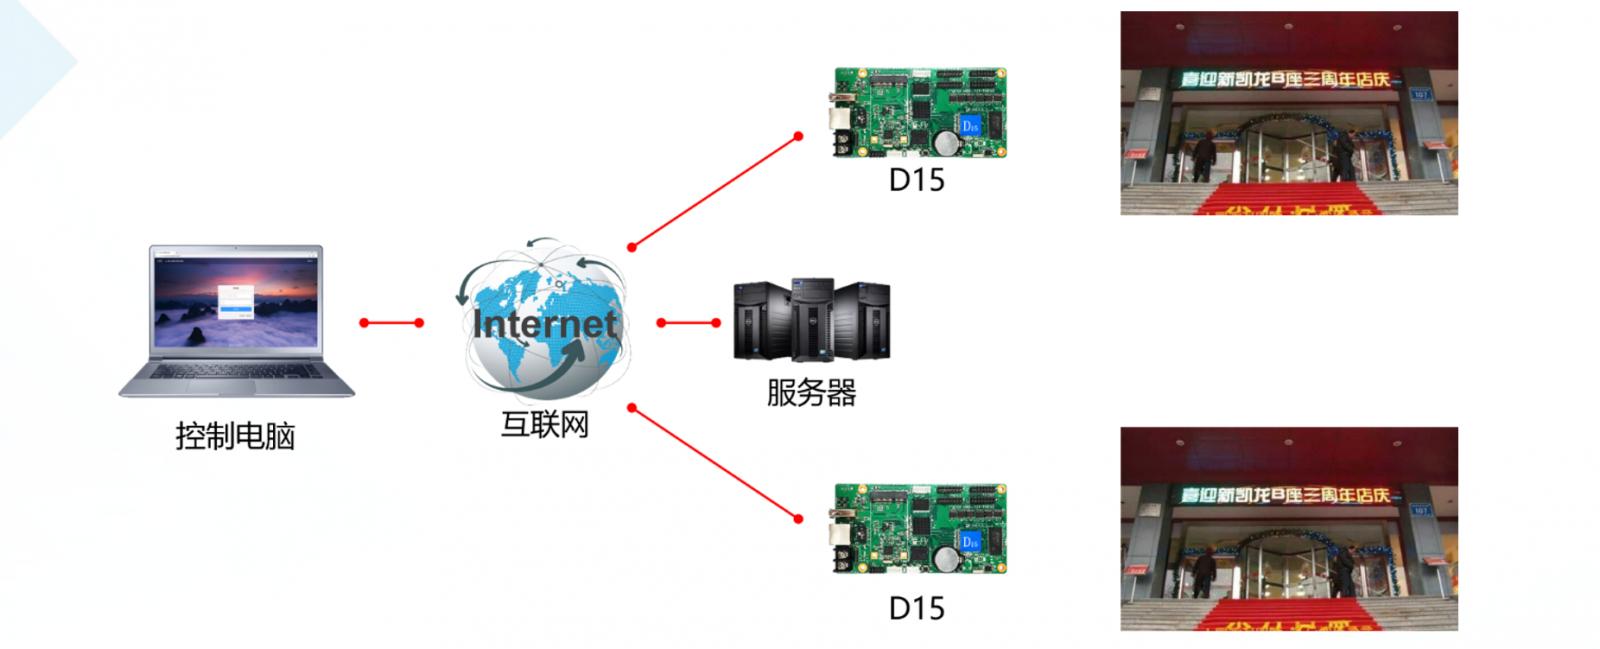 Điều khiển màn hình LED qua internet